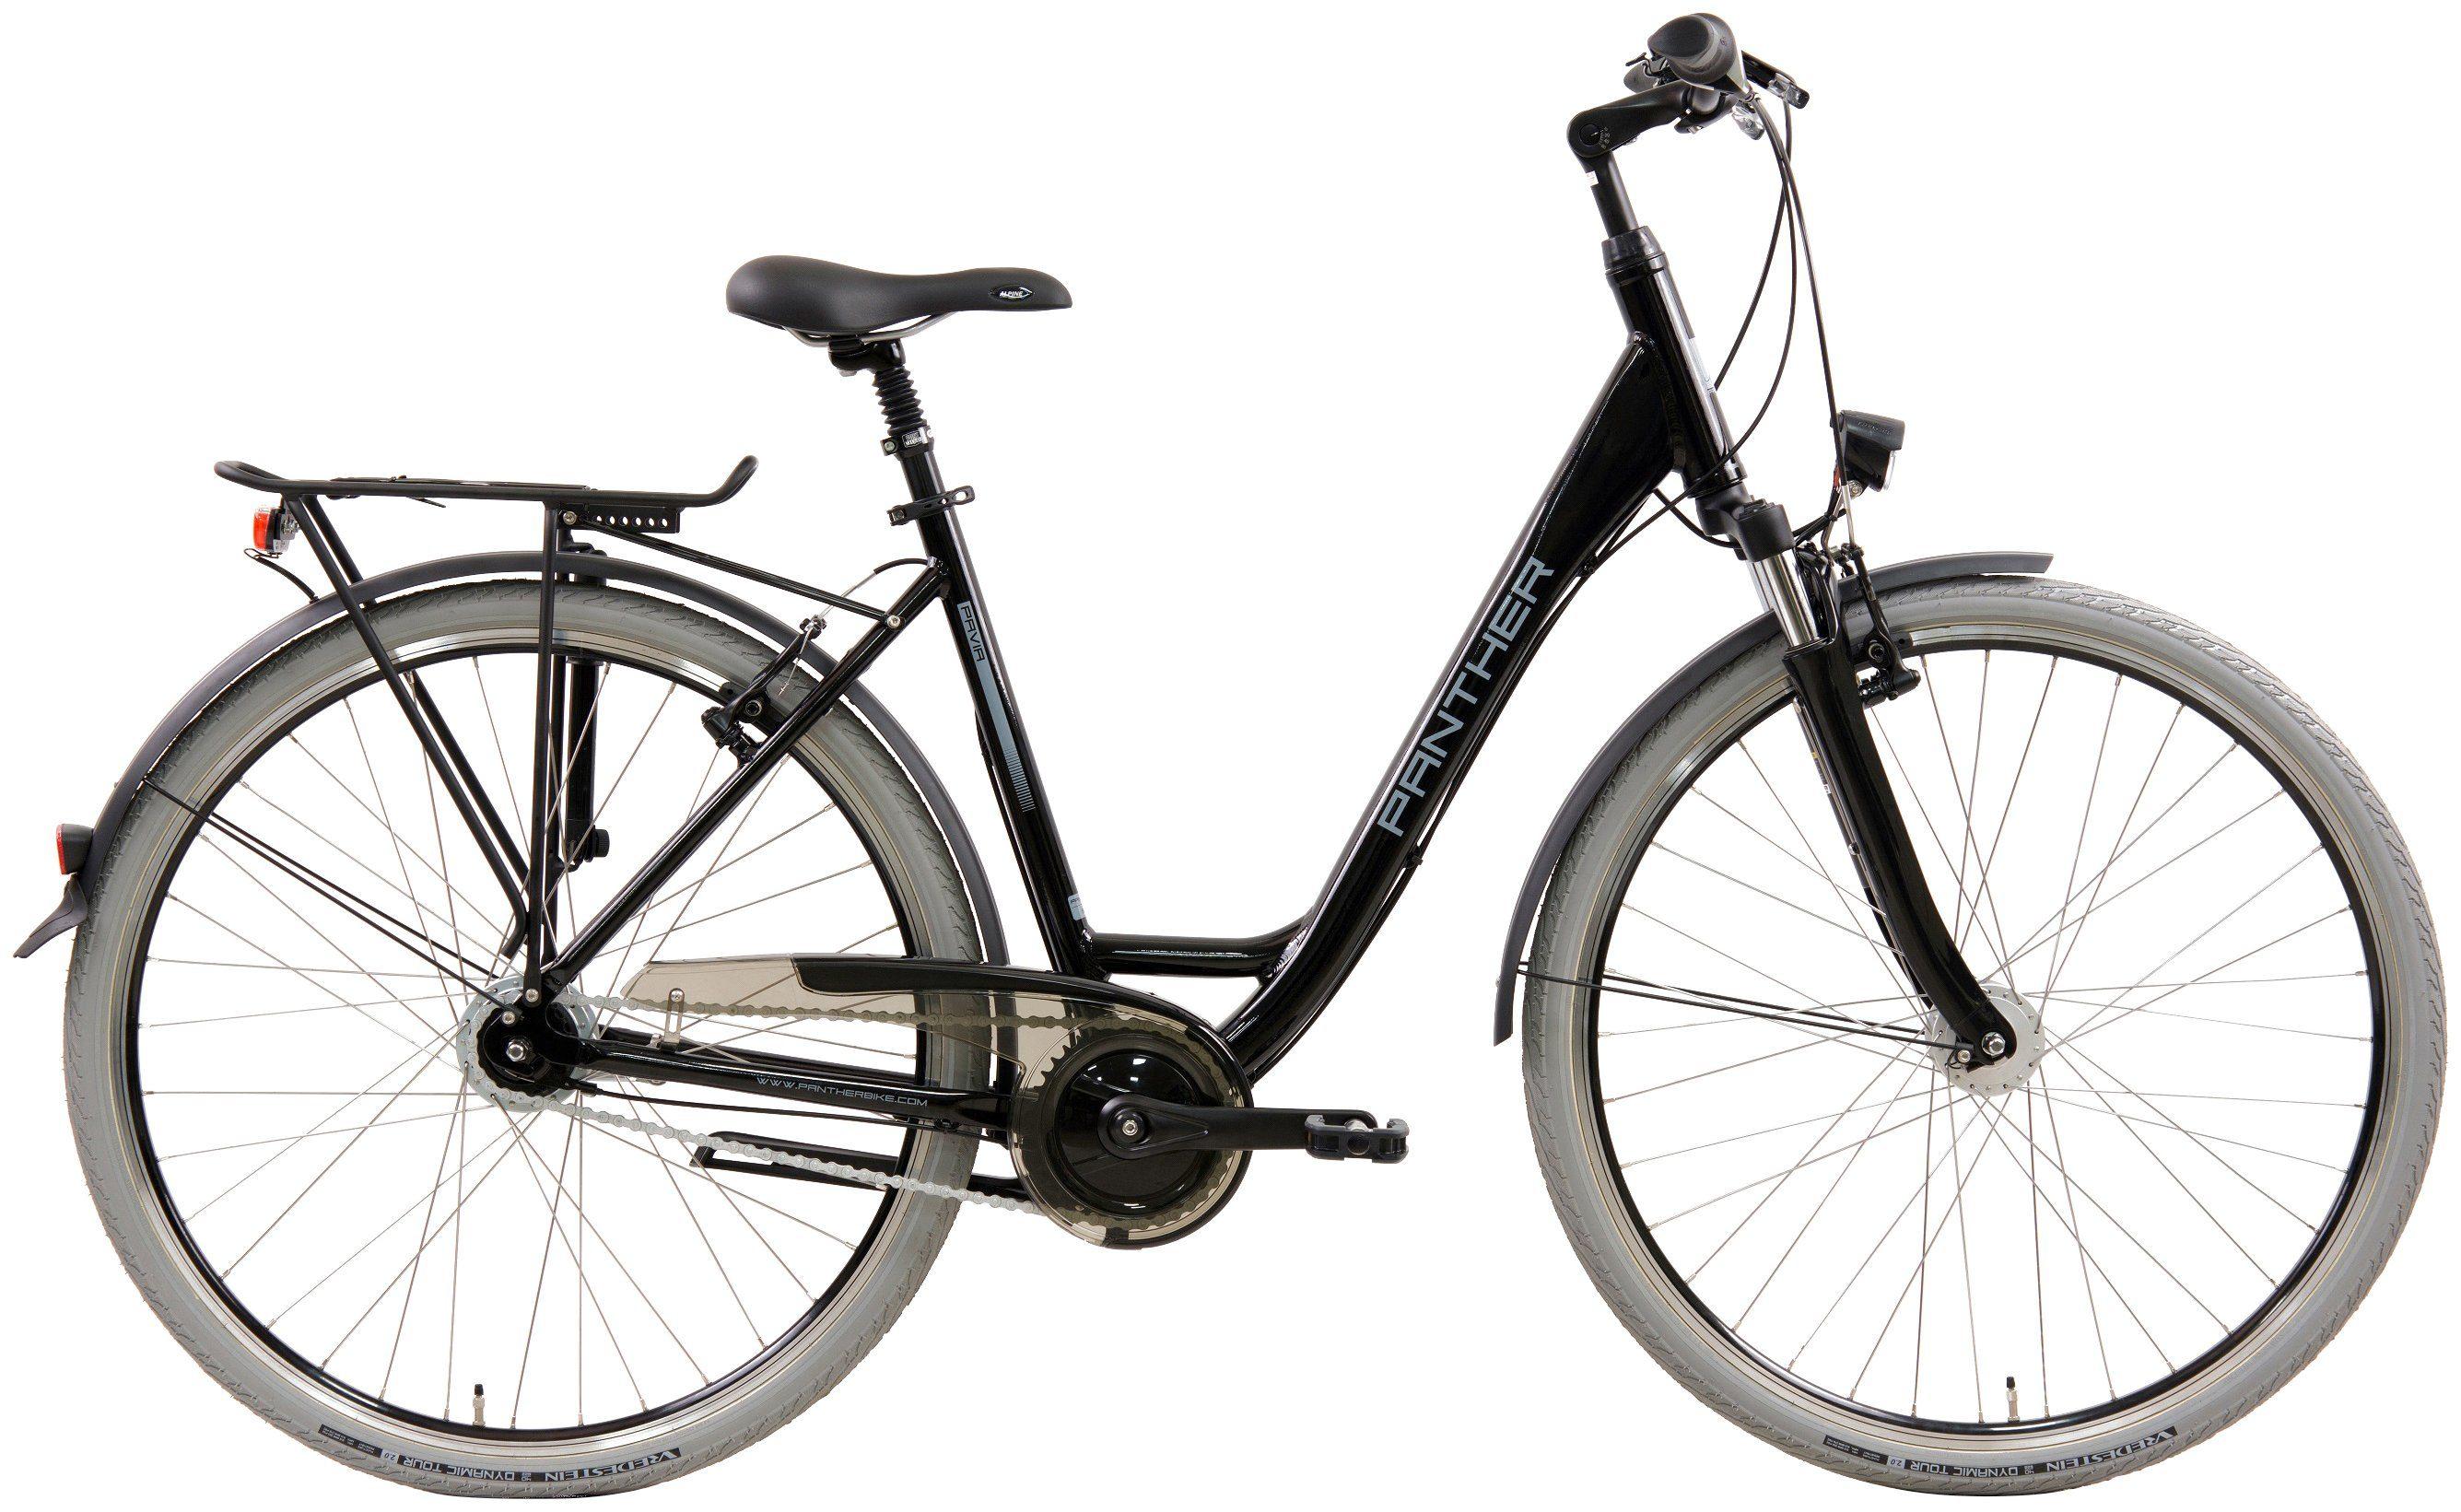 PANTHER Citybike Damen »Pavia«, 28 Zoll, 8 Gang, Felgenbremse